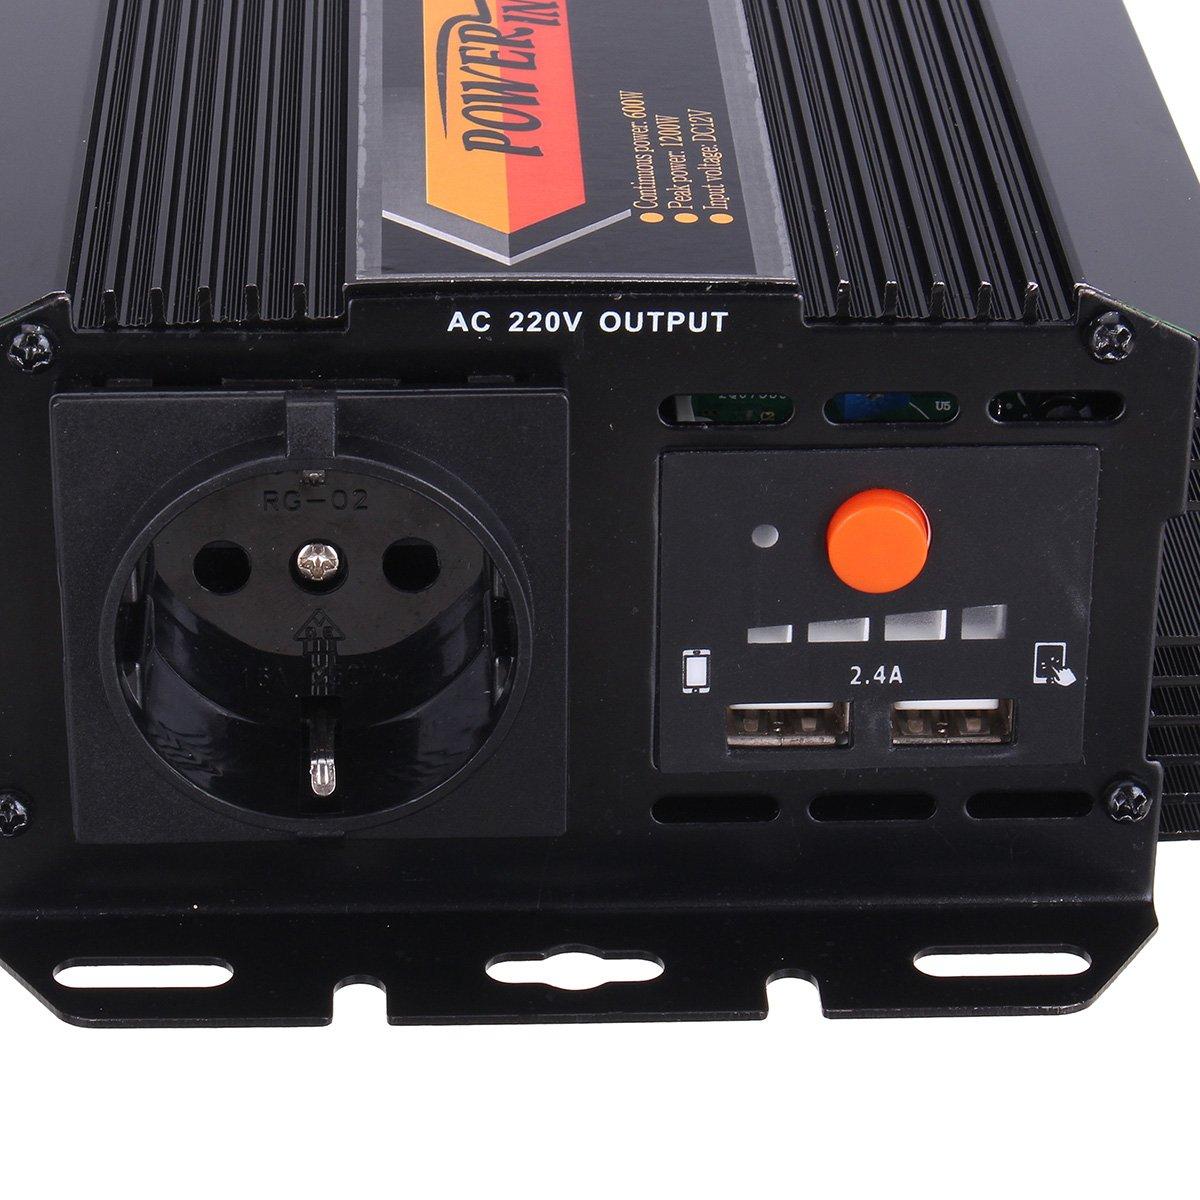 24V-220V Avec Sorties Num/ériques /À Double Port USB Onde Sinuso/ïdale Modifi/ée Par Onduleur Solaire 1200W 12